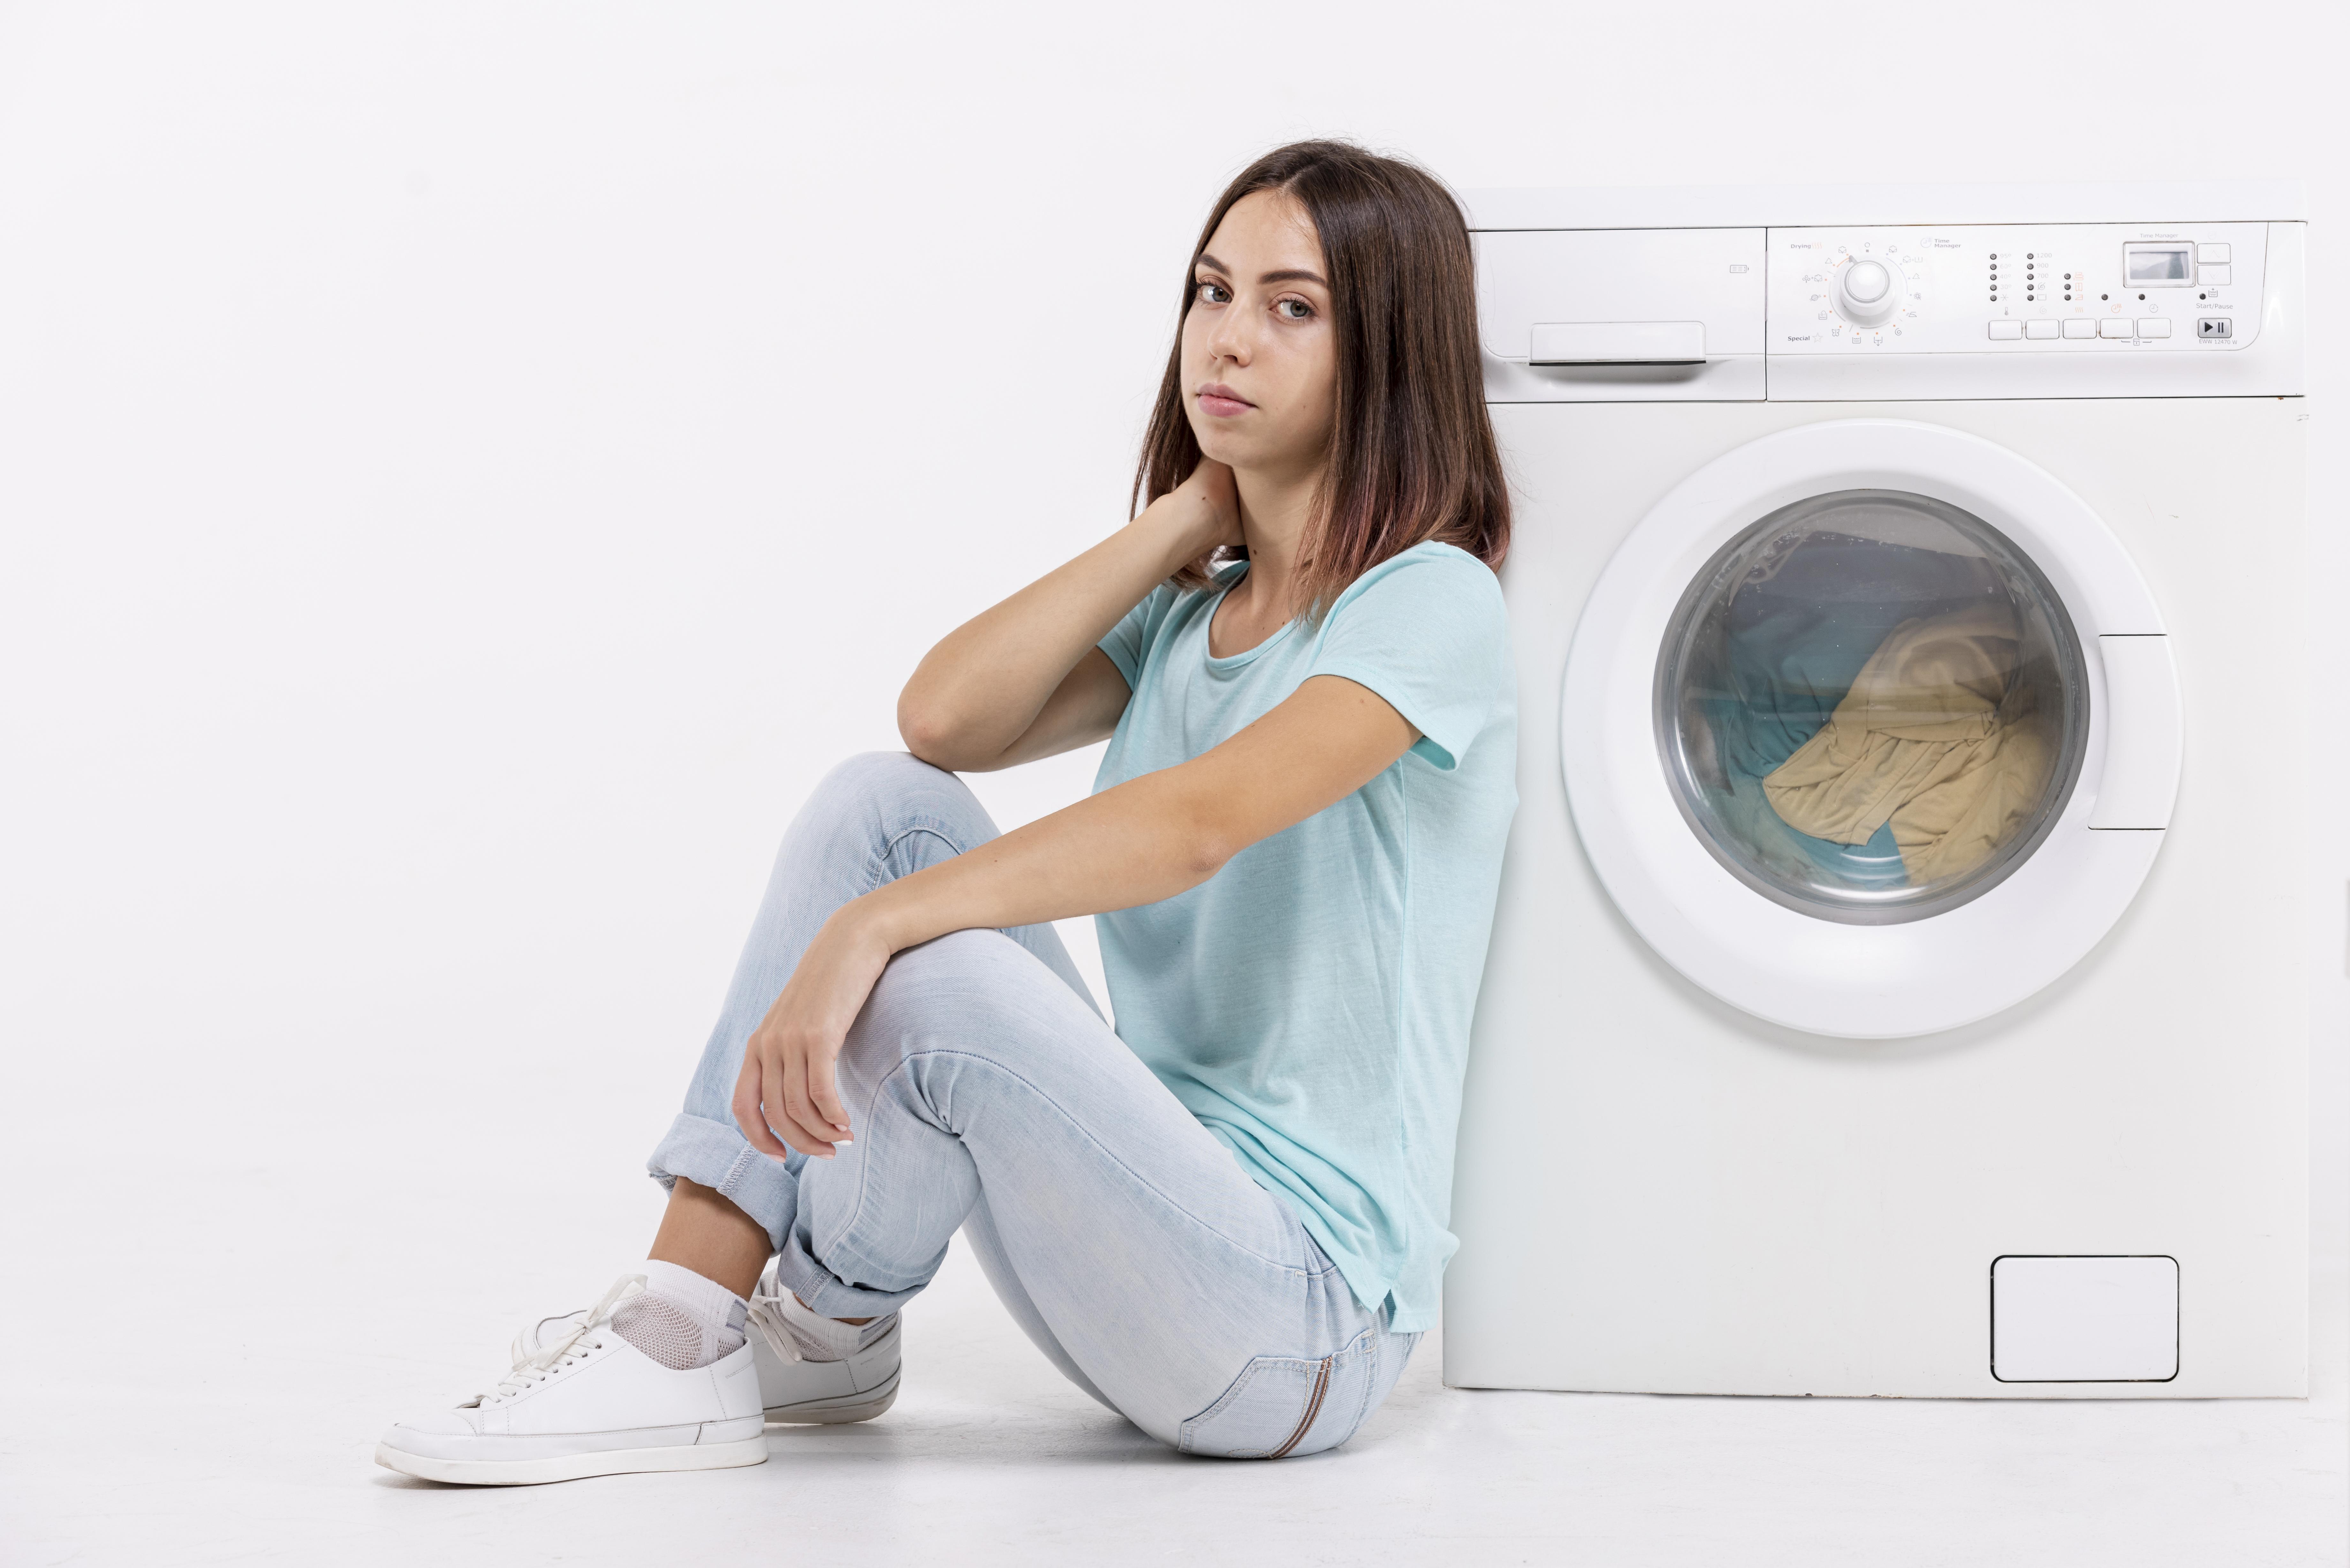 ฐานรองเครื่องซักผ้า